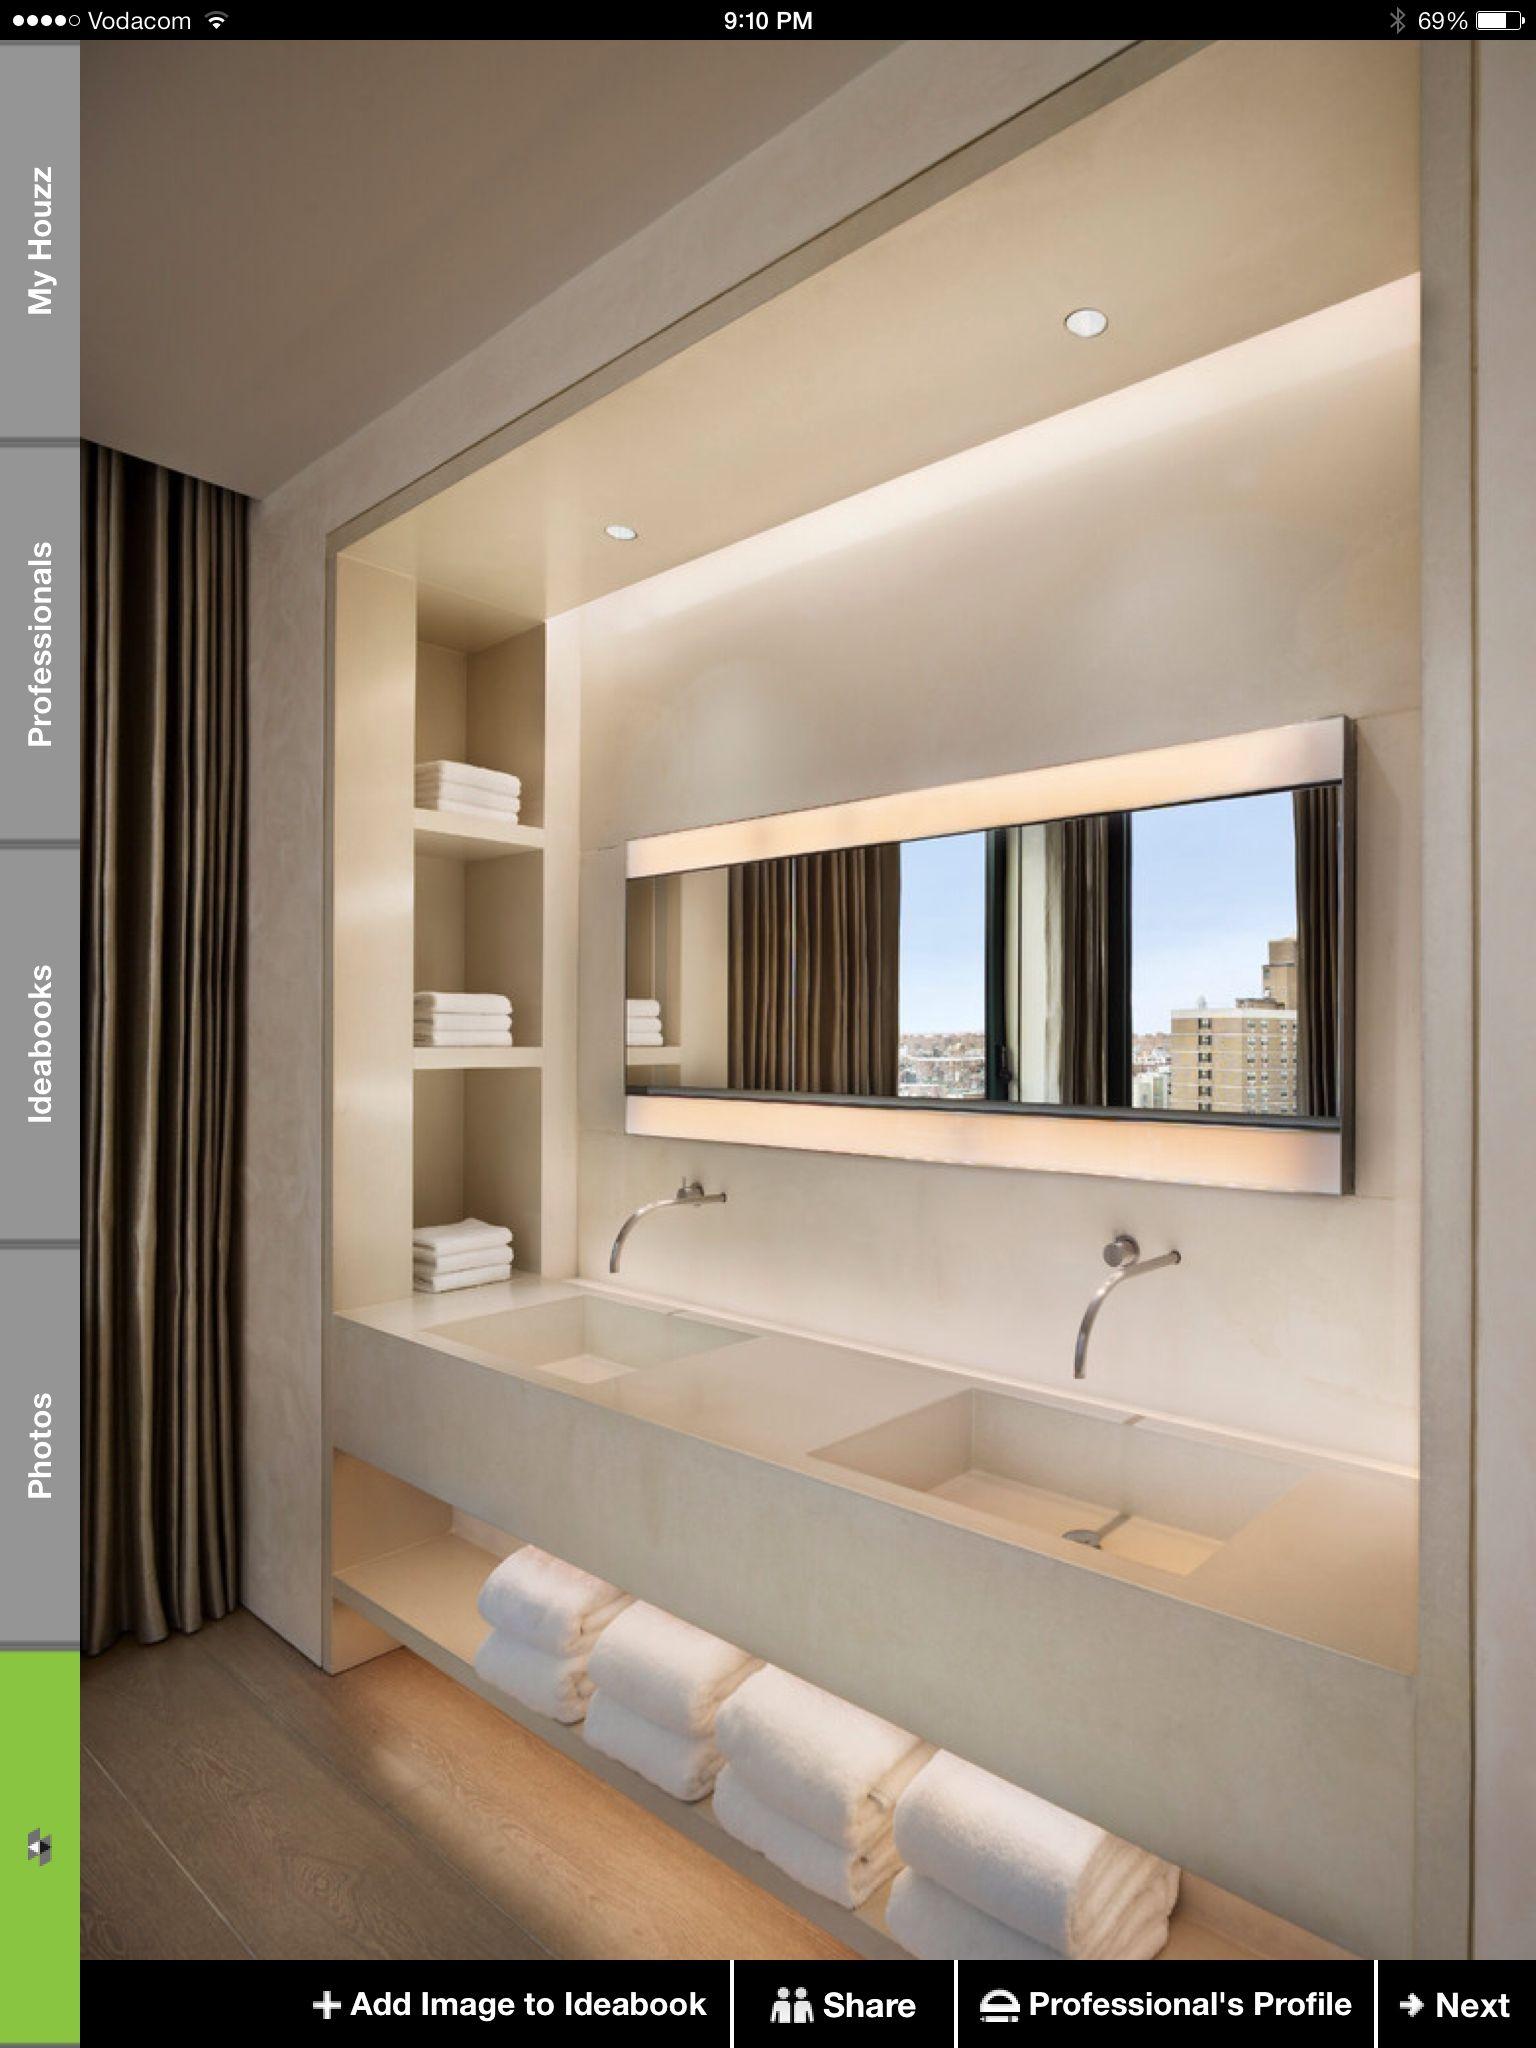 Bathroom   Home decor   Pinterest   Badezimmer, Wohnen und Häuschen